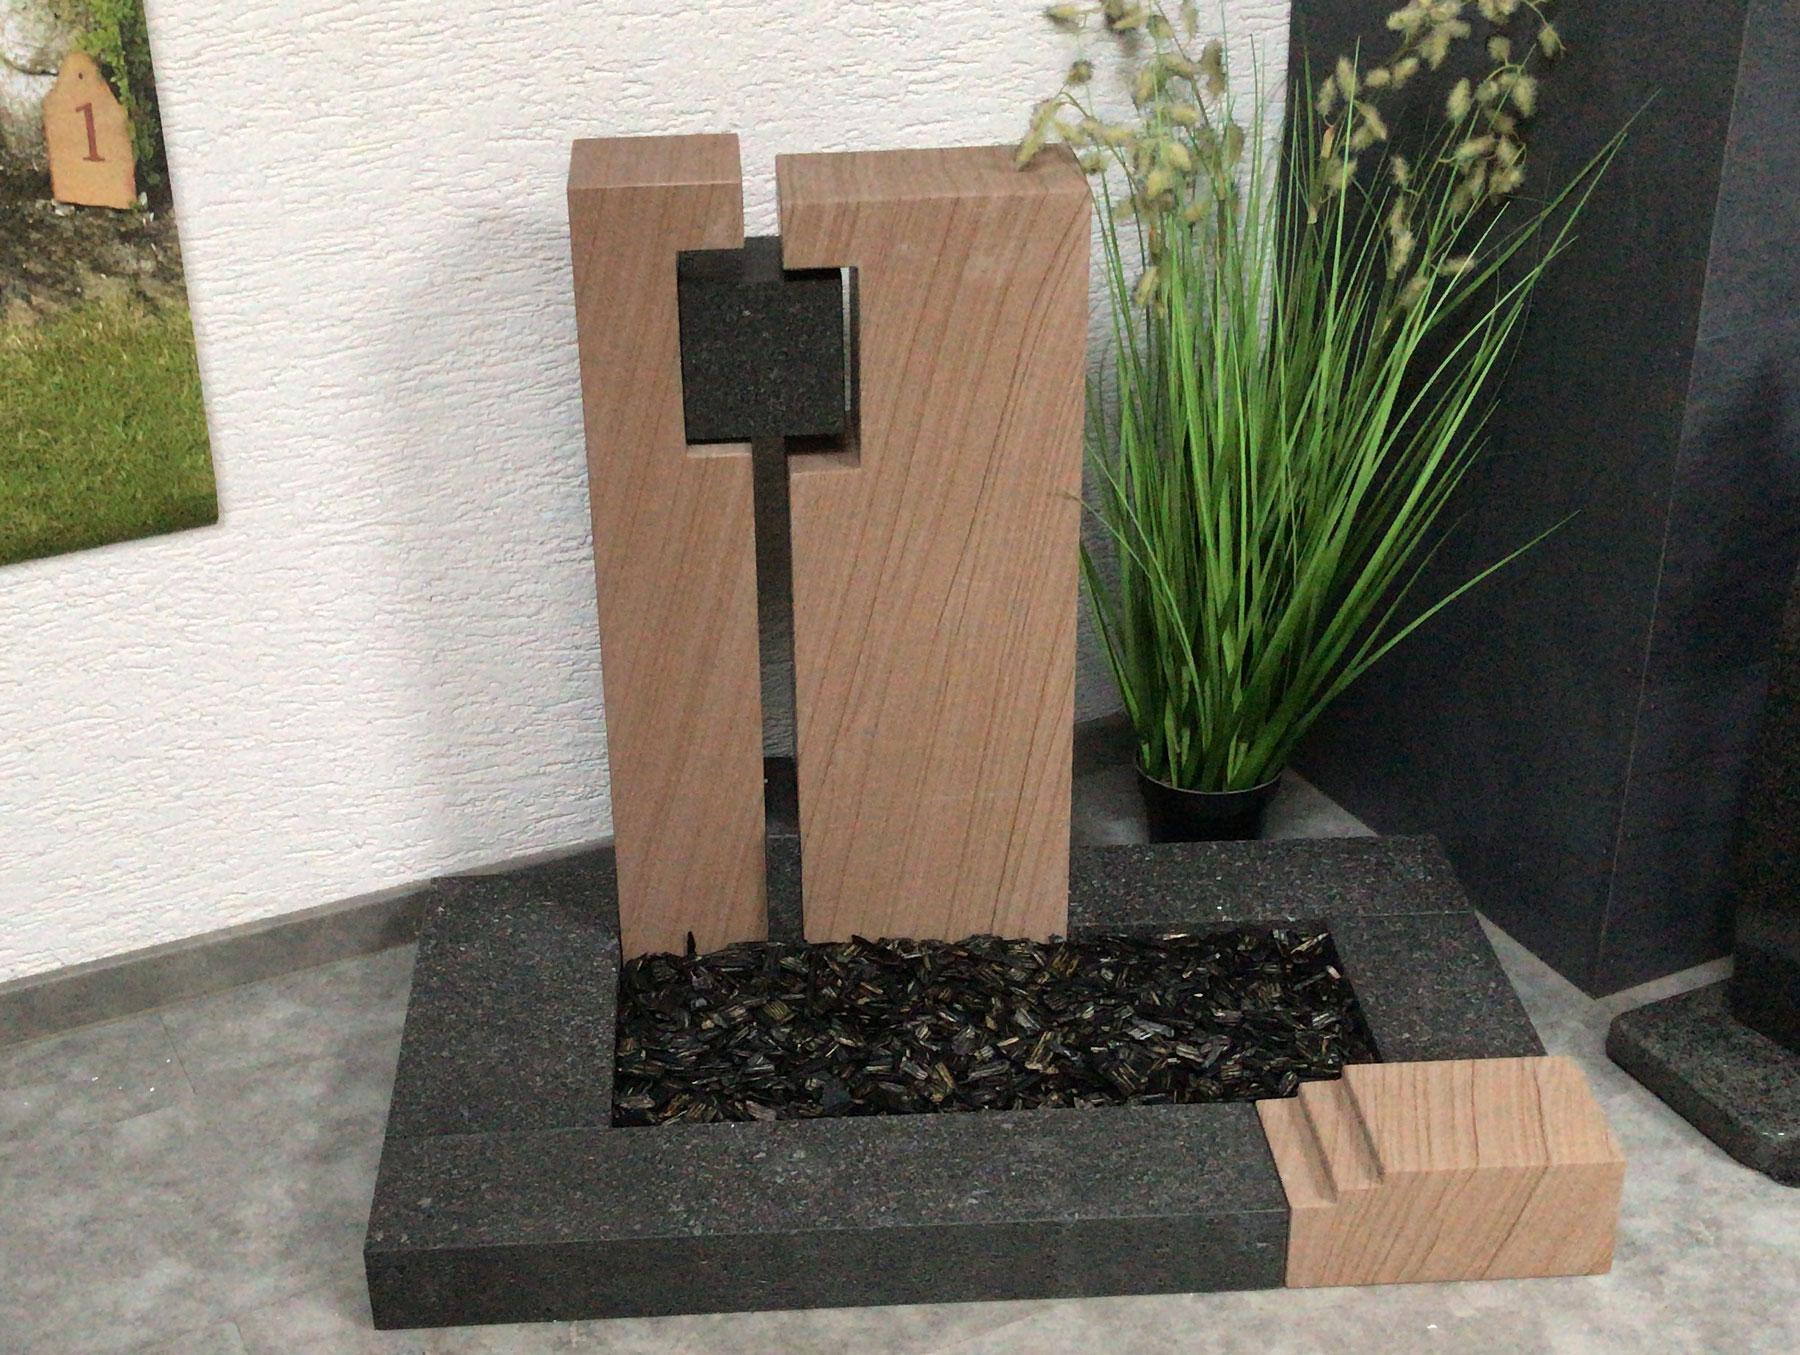 nachhaltig gefertigt aus Basalt und Sandstein aus Deutschland